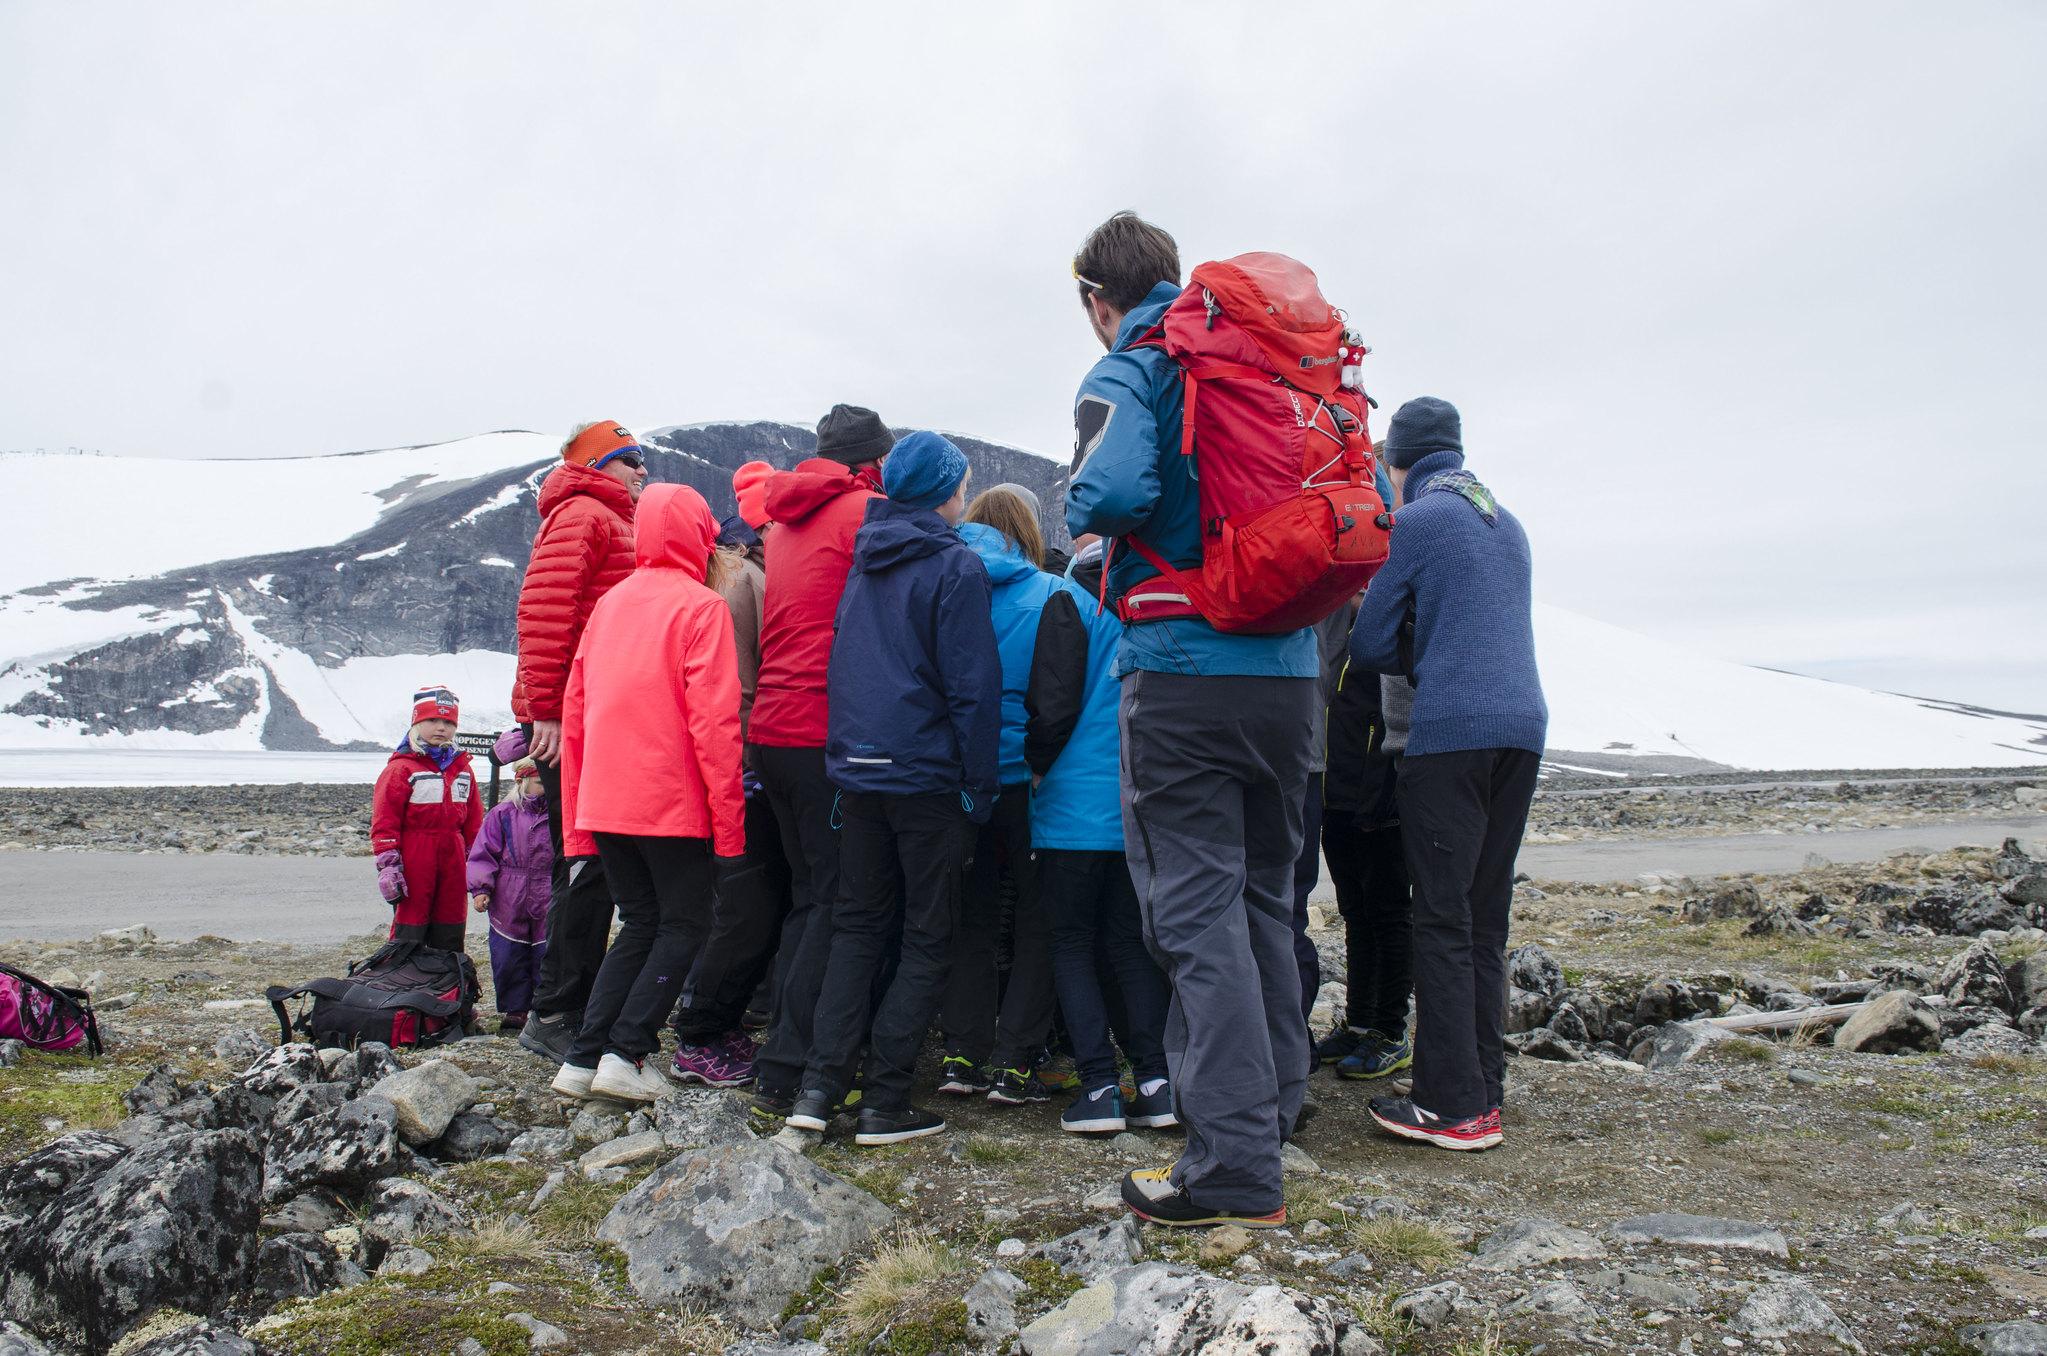 Noregs eldste speidargruppe 1. Ålesund er på tur til Jotunheimen og lærer korleis permafrost oppfører seg